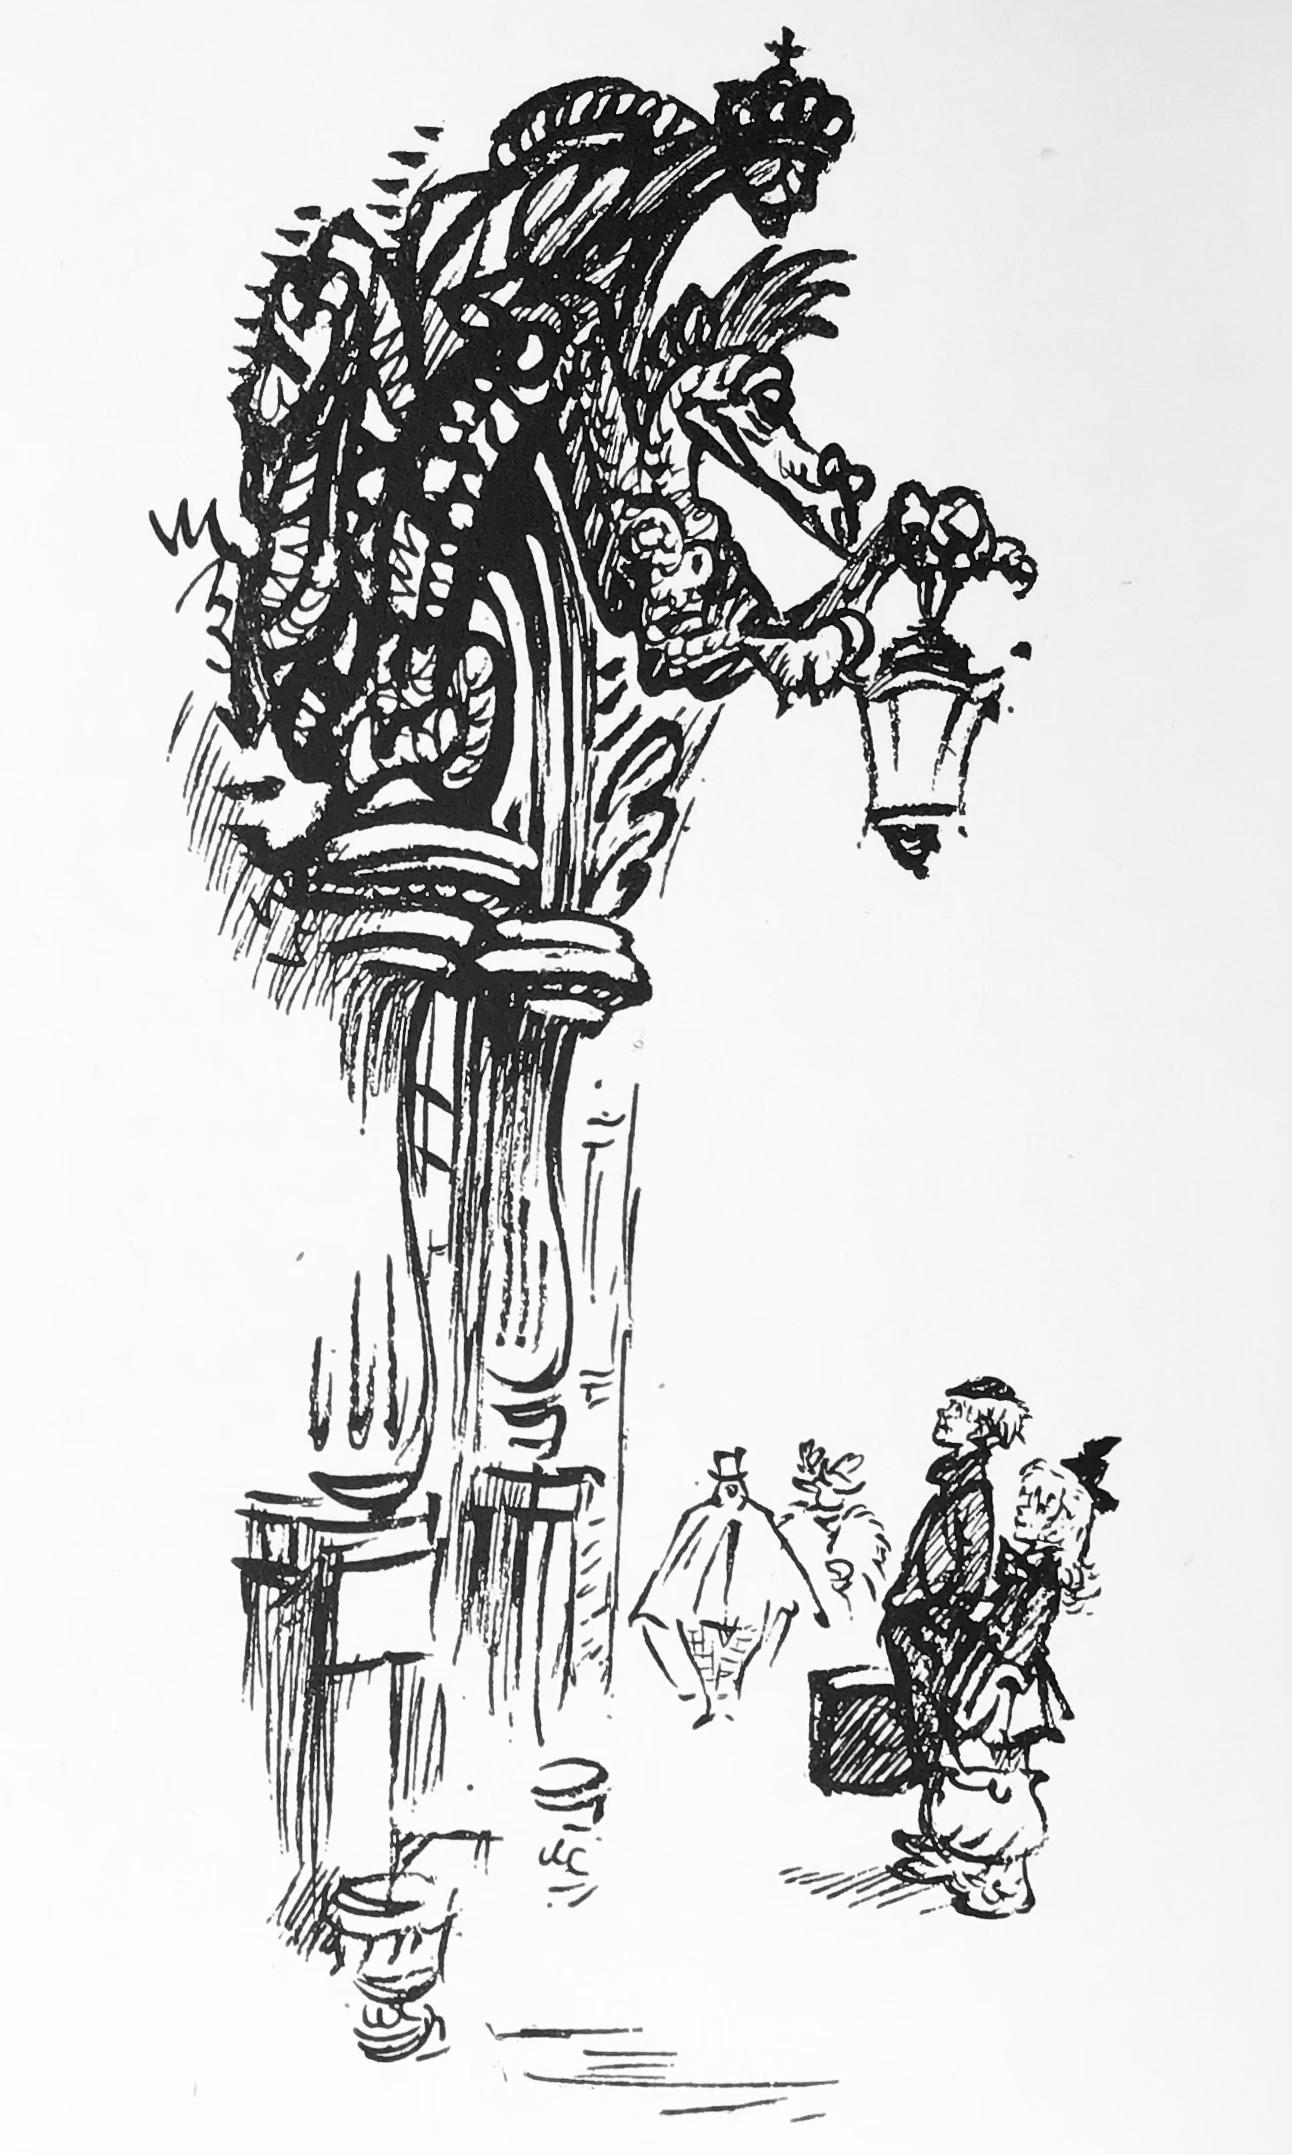 Rustan tog Liv i armen och drog henne med sig genom spårvagnen som just bromsade in vid en hållplats på Strandvägen. De hoppade av och tog sig över körbanan i riktning mot ett stort patricierhus med en skulpterad drake över porten.